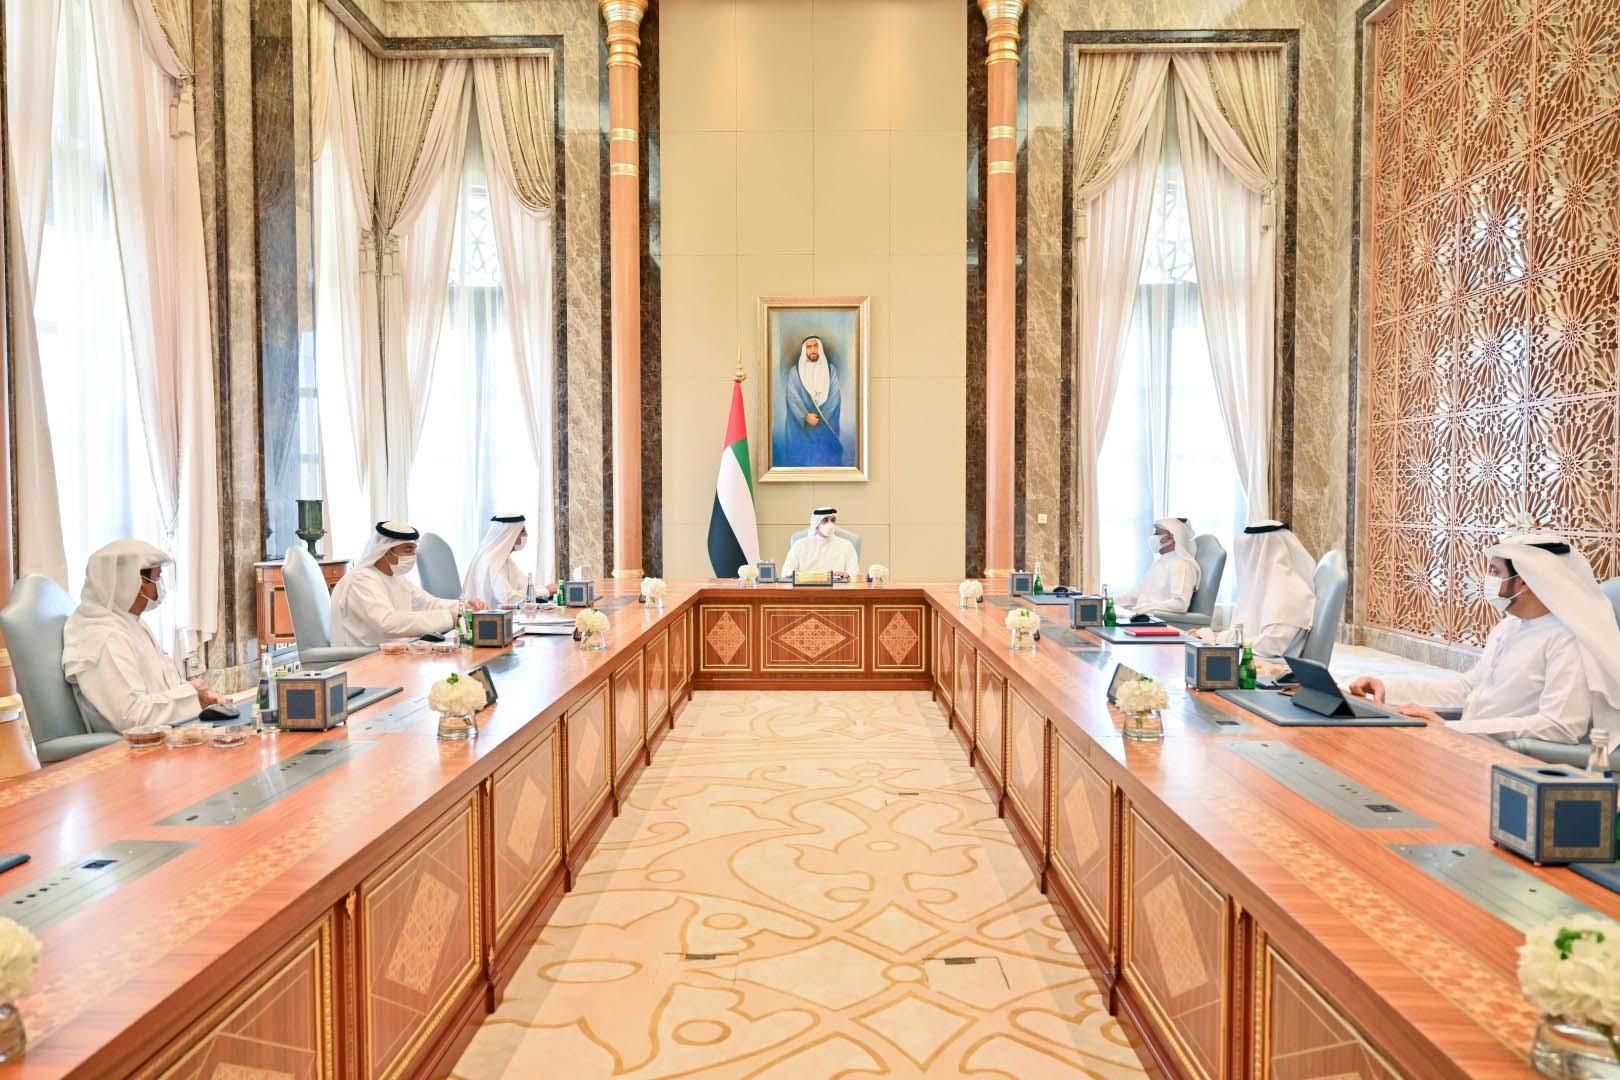 منصور بن زايد: القيادة الرشيدة حريصة على النهوض بالكفاءات الوطنية في الاقتصاد والتنمية